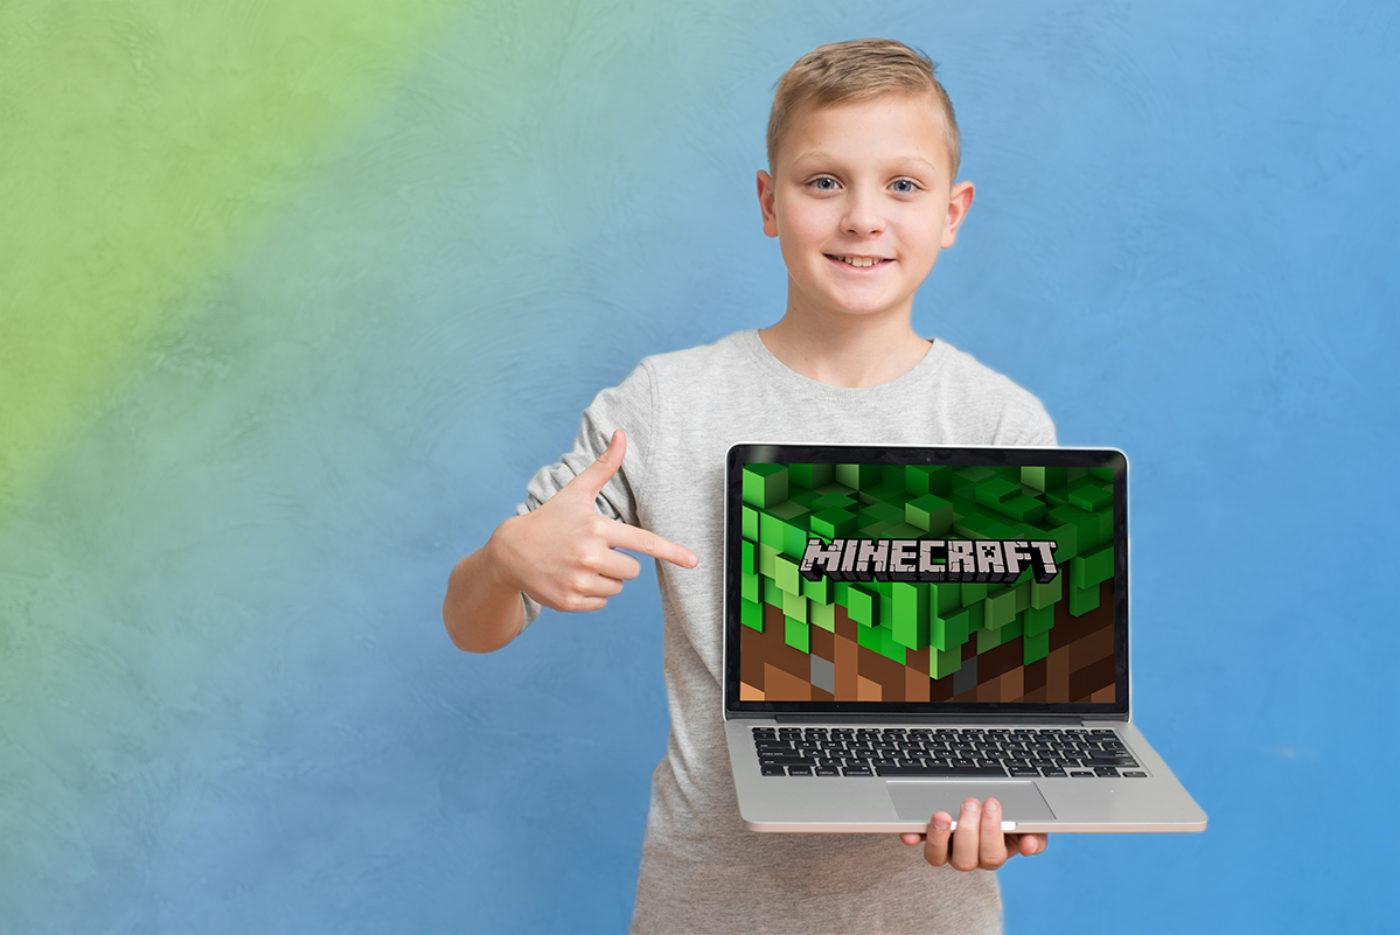 Мероприятия: Открытый урок «Как научить ребёнка программированию с помощью Minecraft?» 24 февраля в Киеве